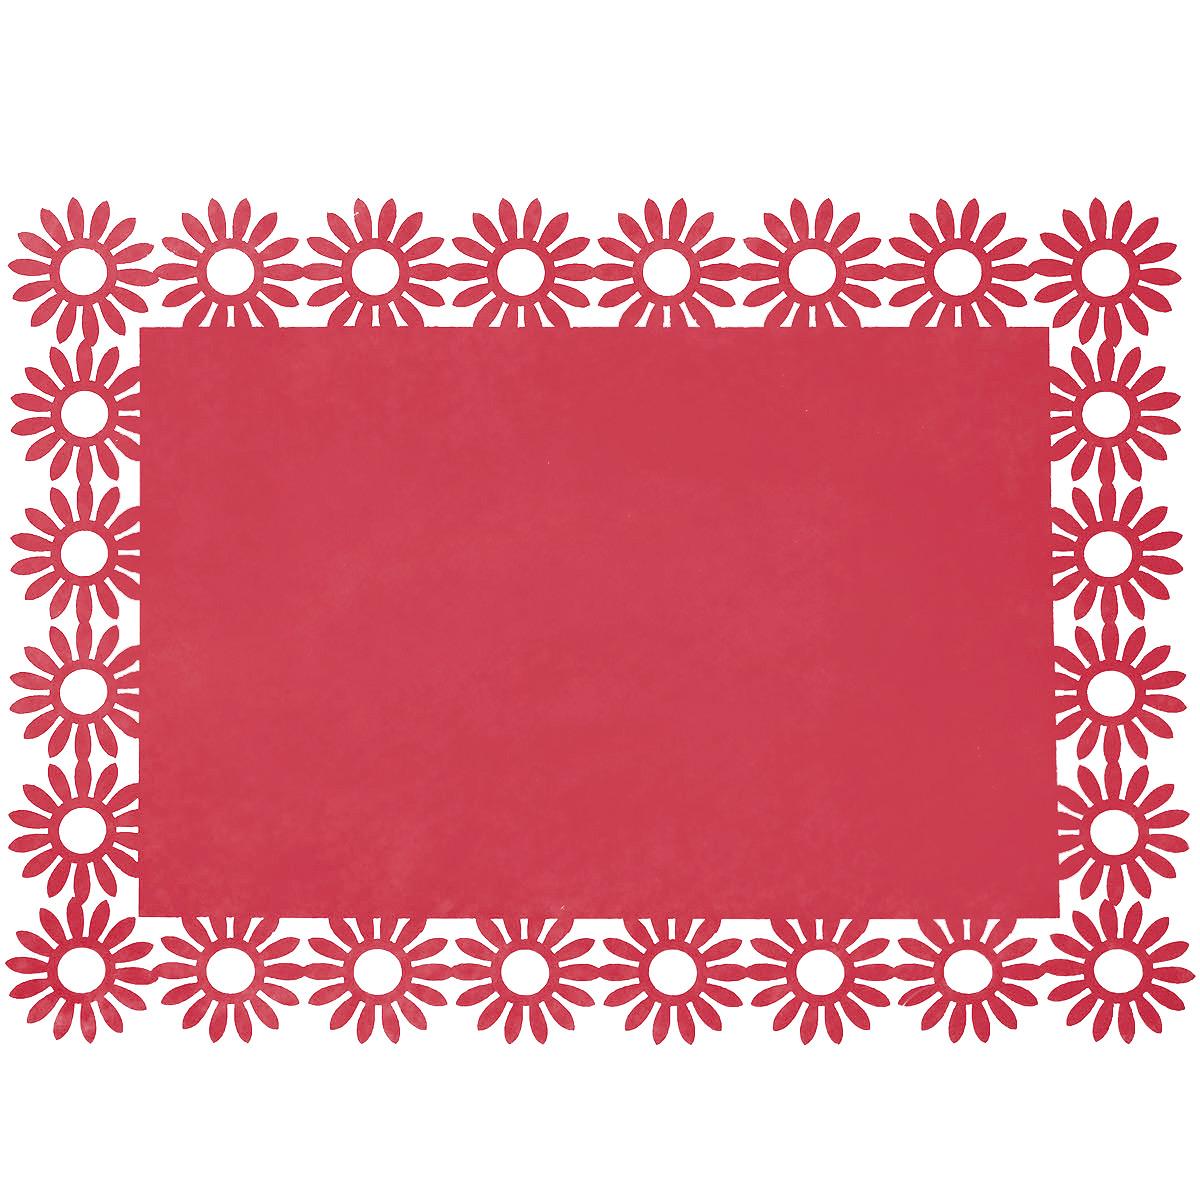 Салфетка Home Queen Веселый праздник, цвет: красный, 30 х 40 см66843_1Прямоугольная салфетка Home Queen Веселый праздник выполнена из фетра и имеет красивую перфорацию по краям. Вы можете использовать салфетку для декорирования стола, комода, журнального столика. В любом случае она добавит в ваш дом стиля, изысканности и неповторимости и убережет мебель от царапин и потертостей. Размер салфетки: 30 см х 40 см х 0,2 см.